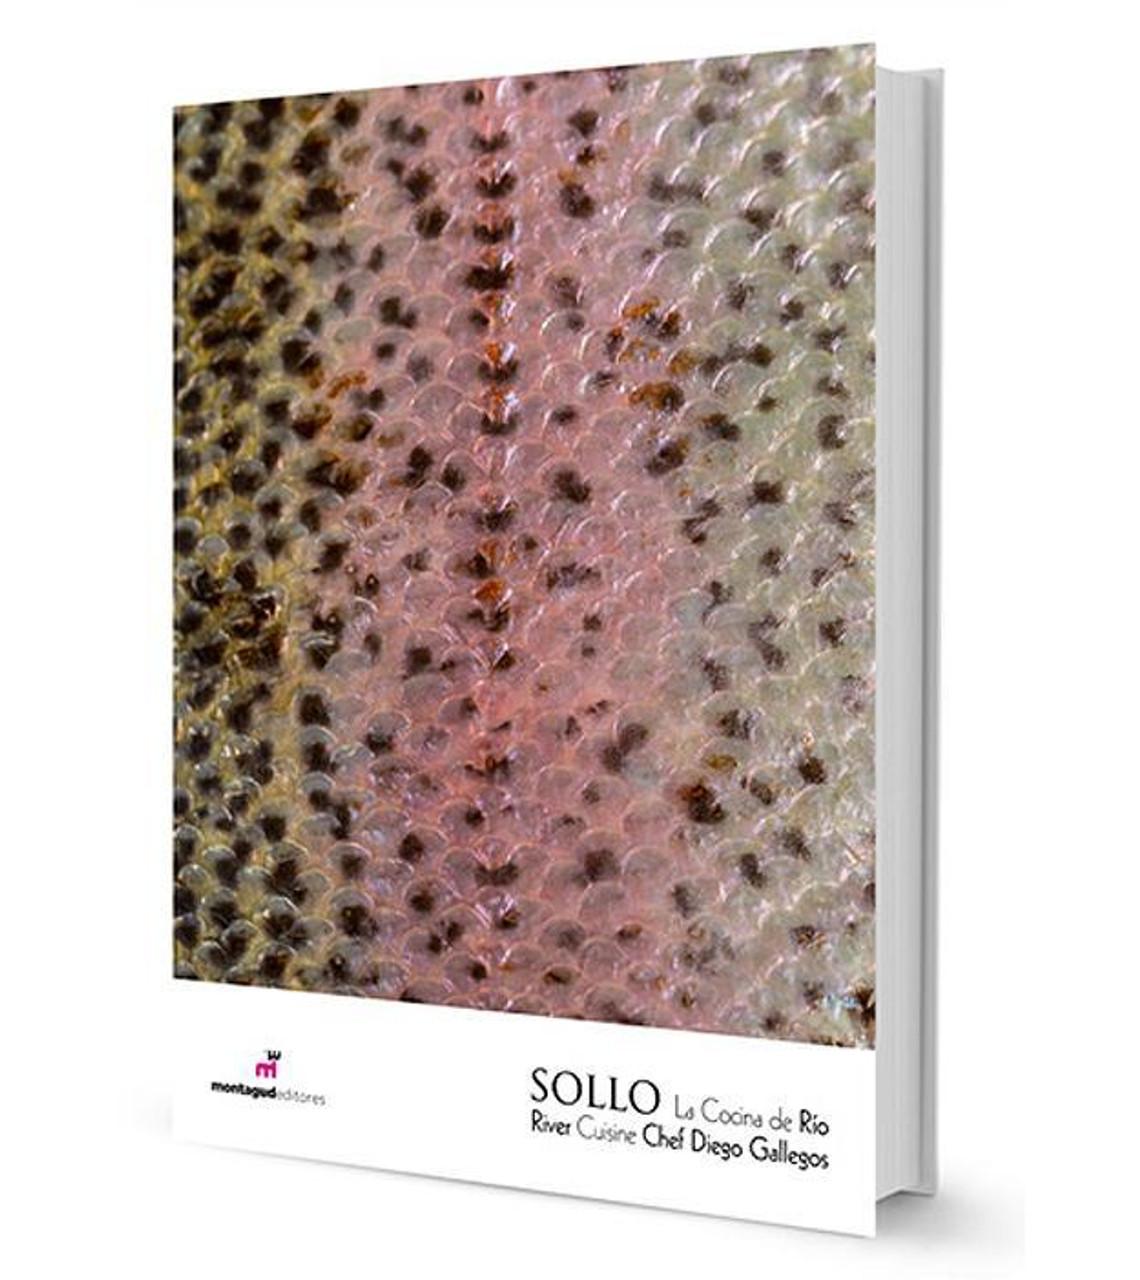 Sollo - Diego Gallegos